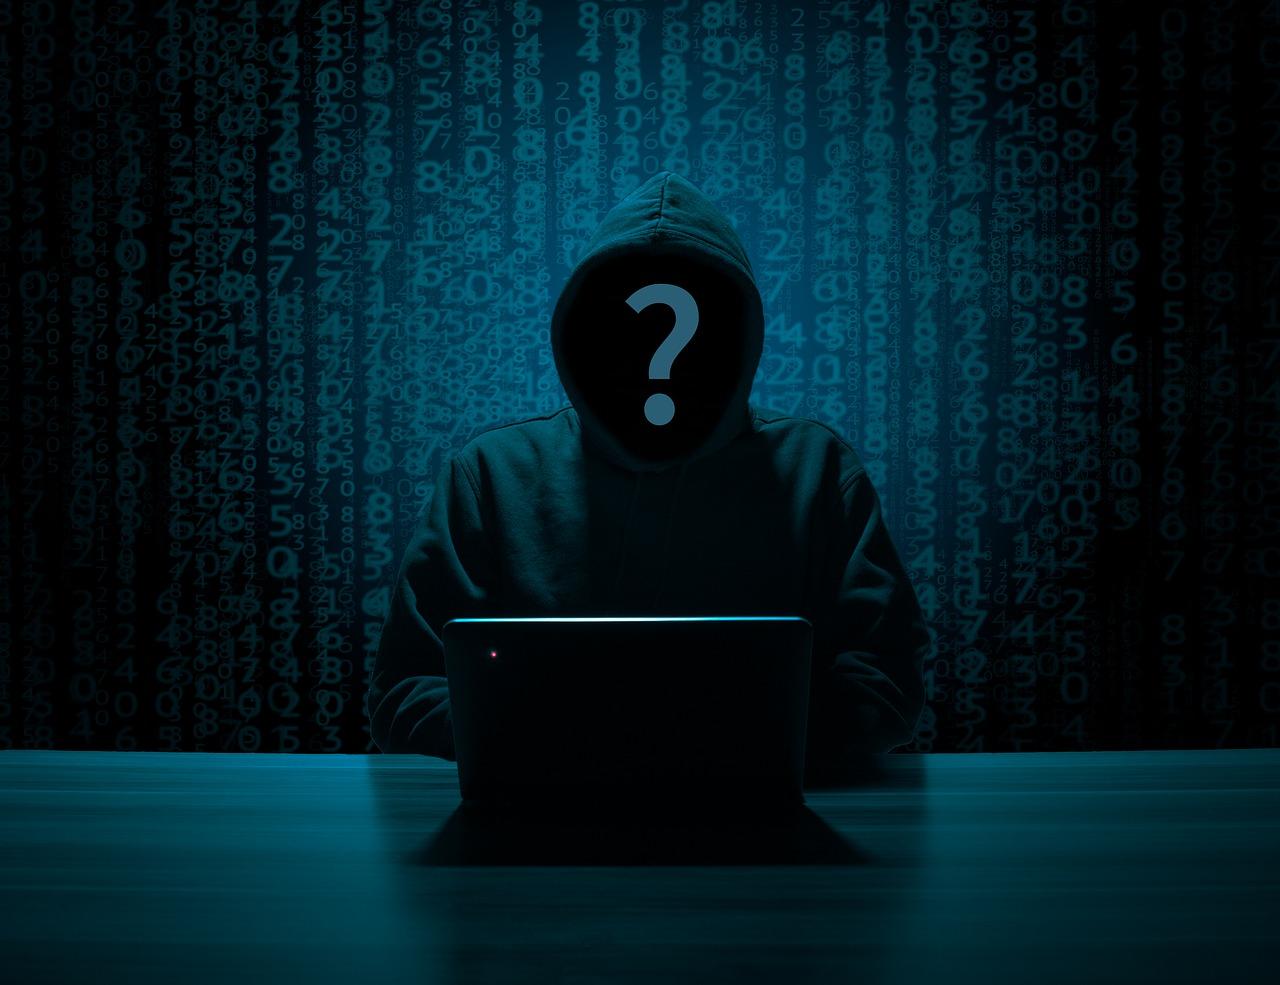 hacker-3342696_1280.jpg